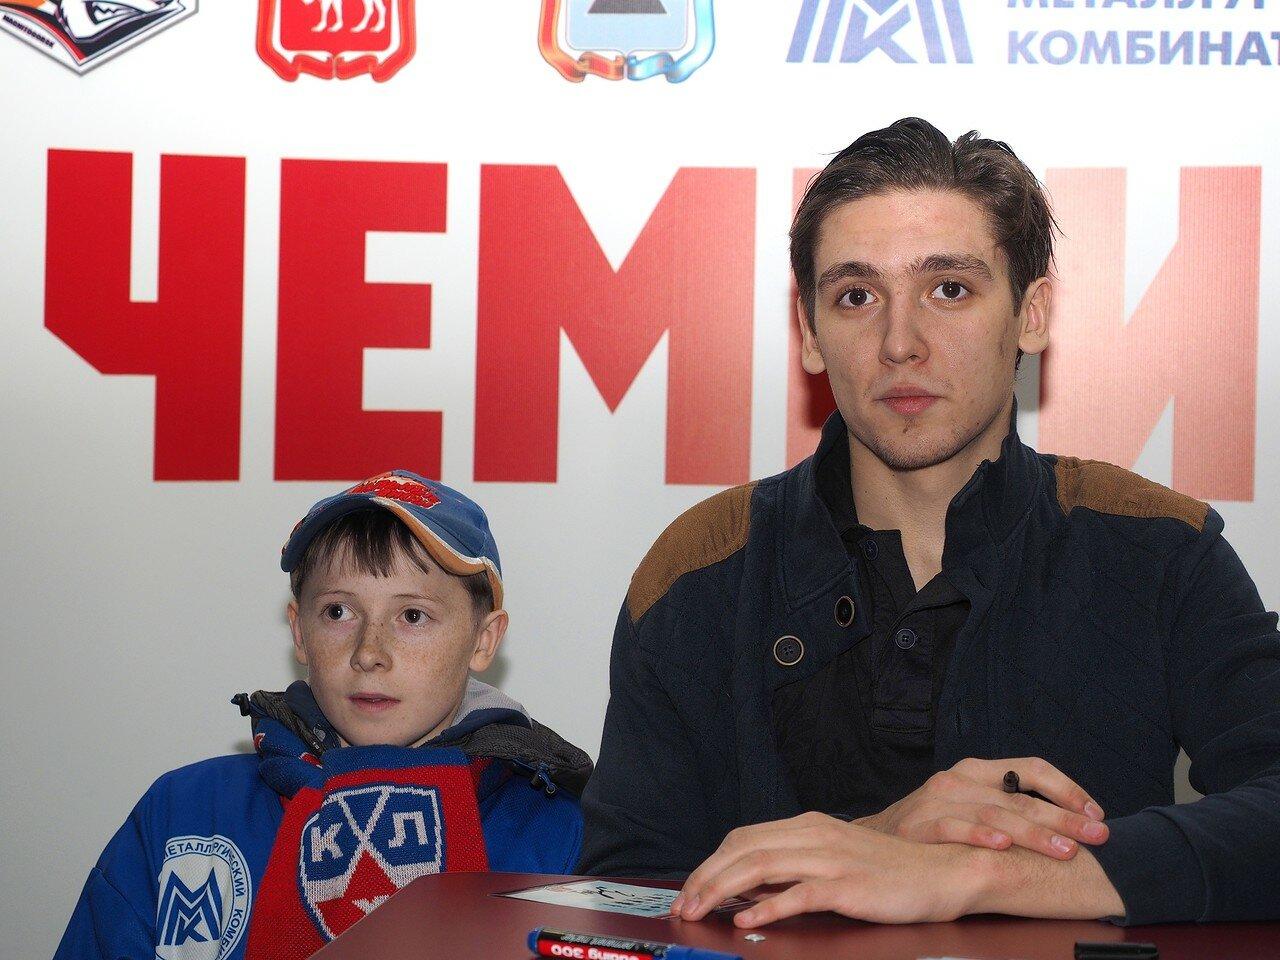 104Металлург - Cпартак 26.12.2015